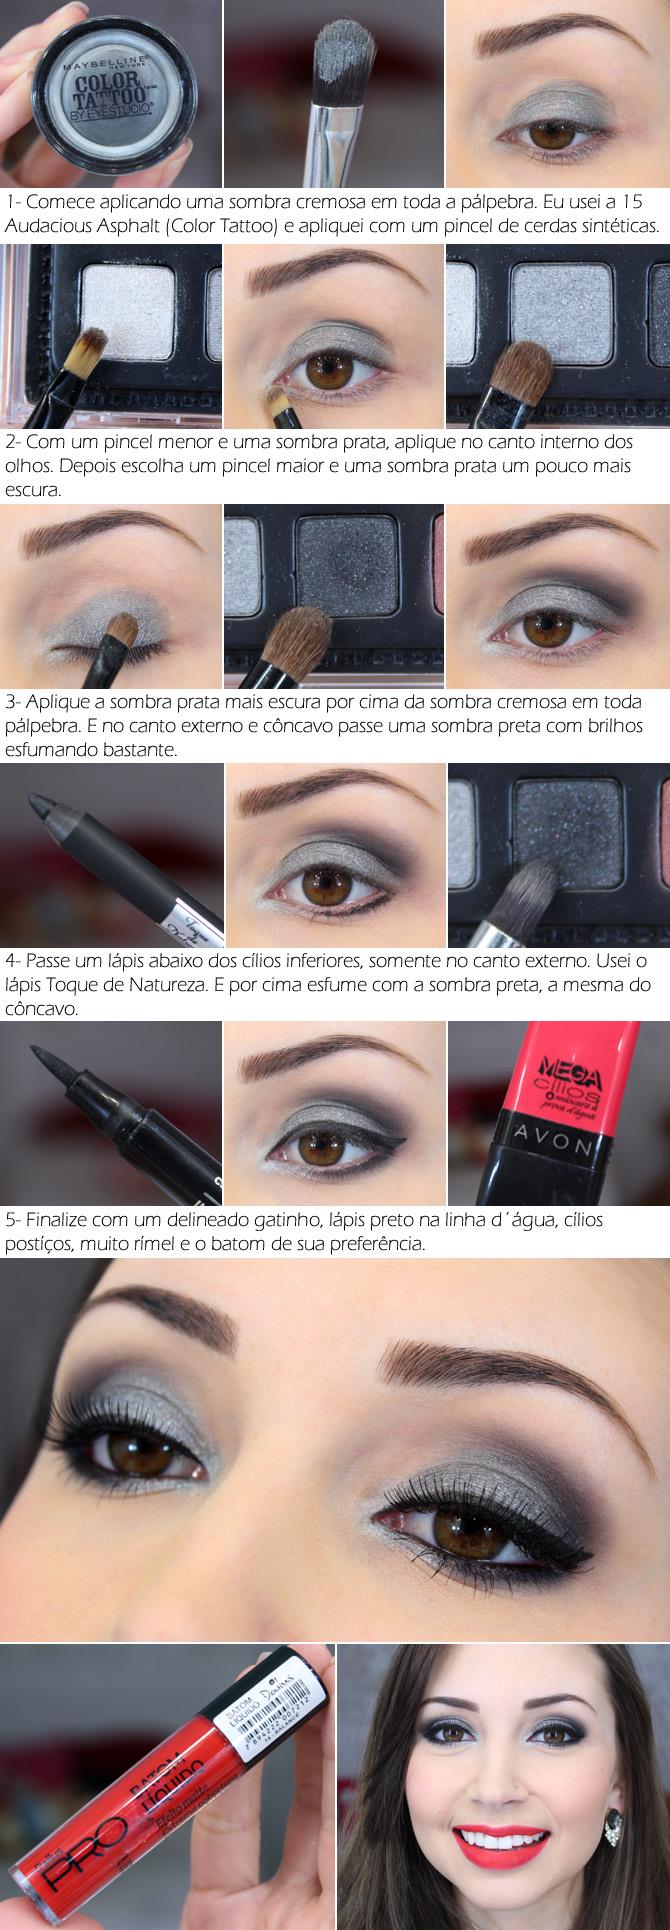 tutorial em foto maquiagem prata com batom vermelho